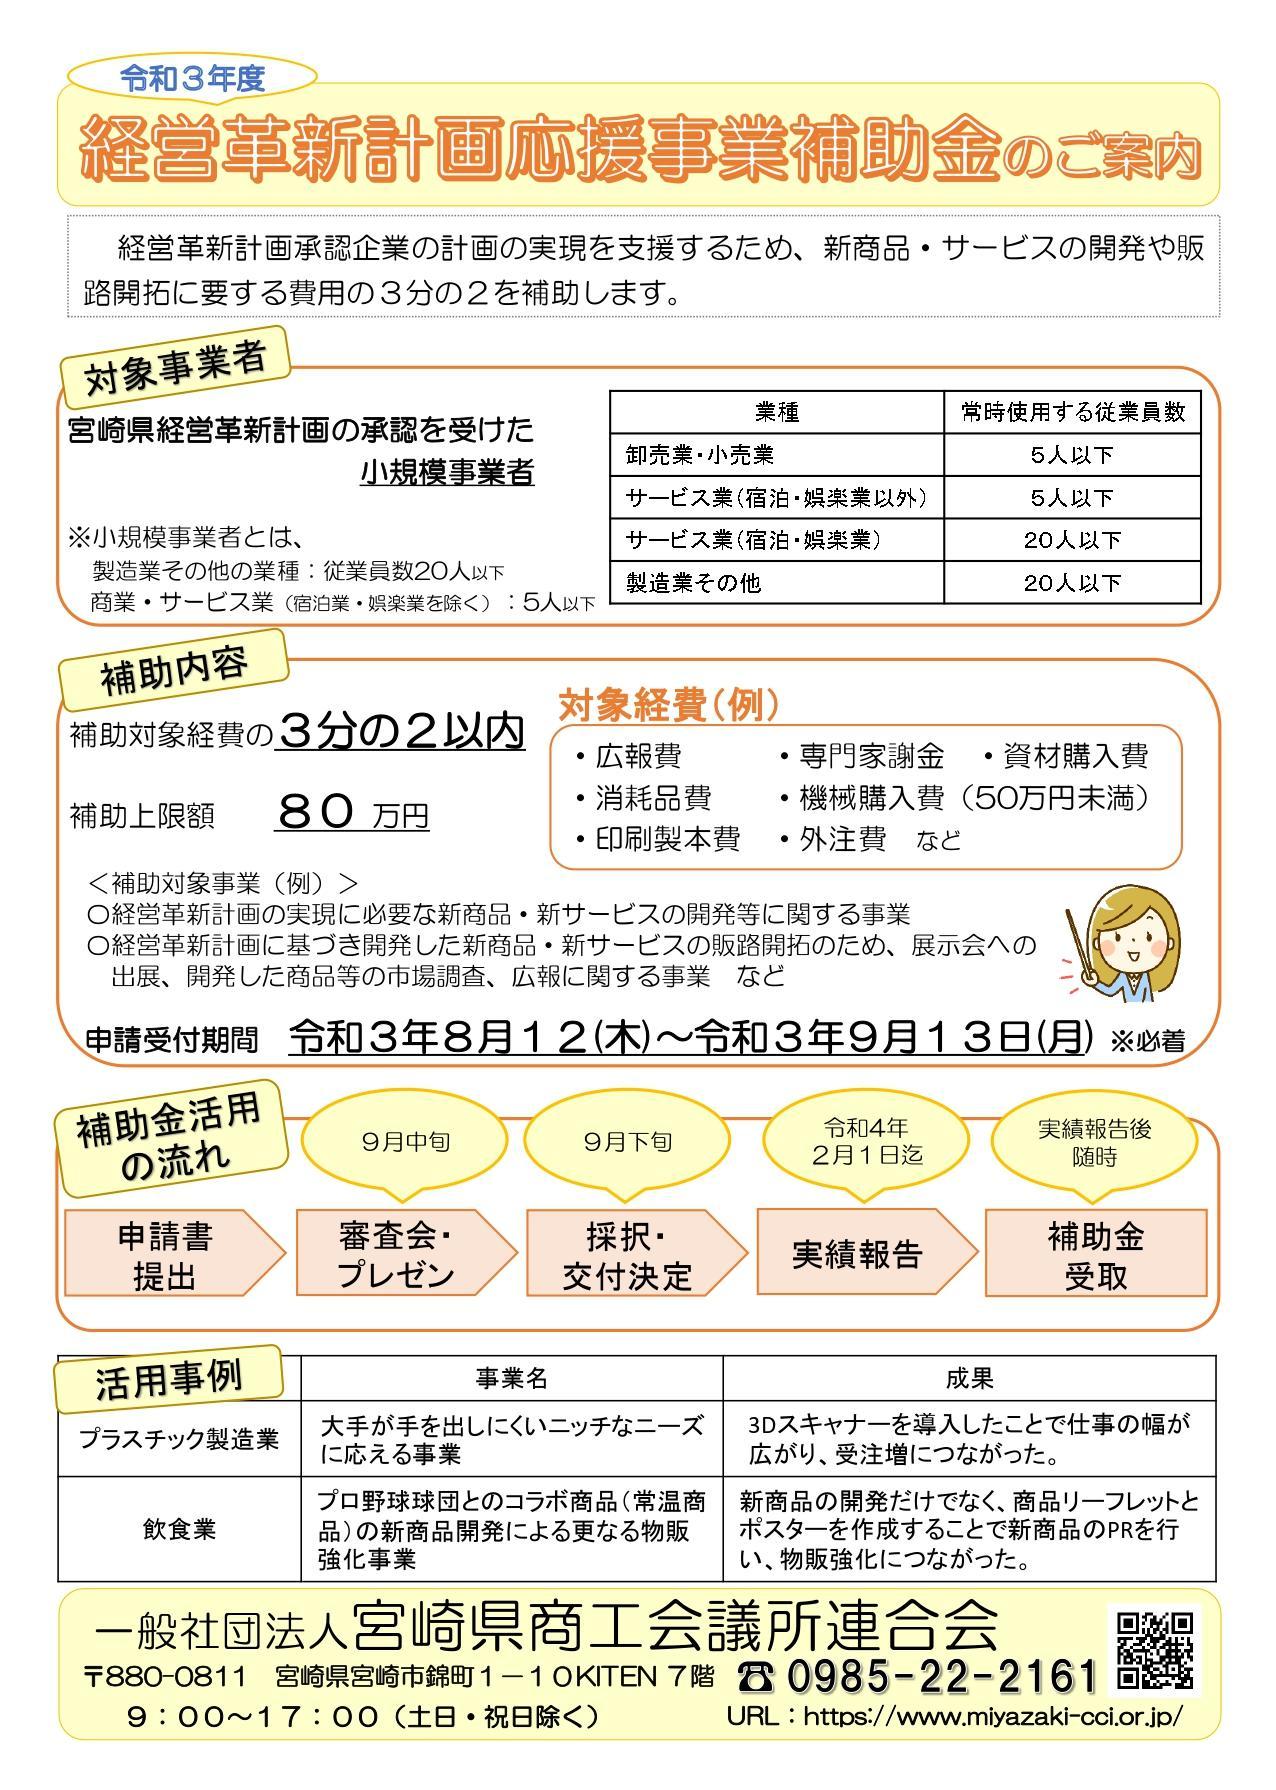 00 経営革新補助金チラシ(全体).jpg